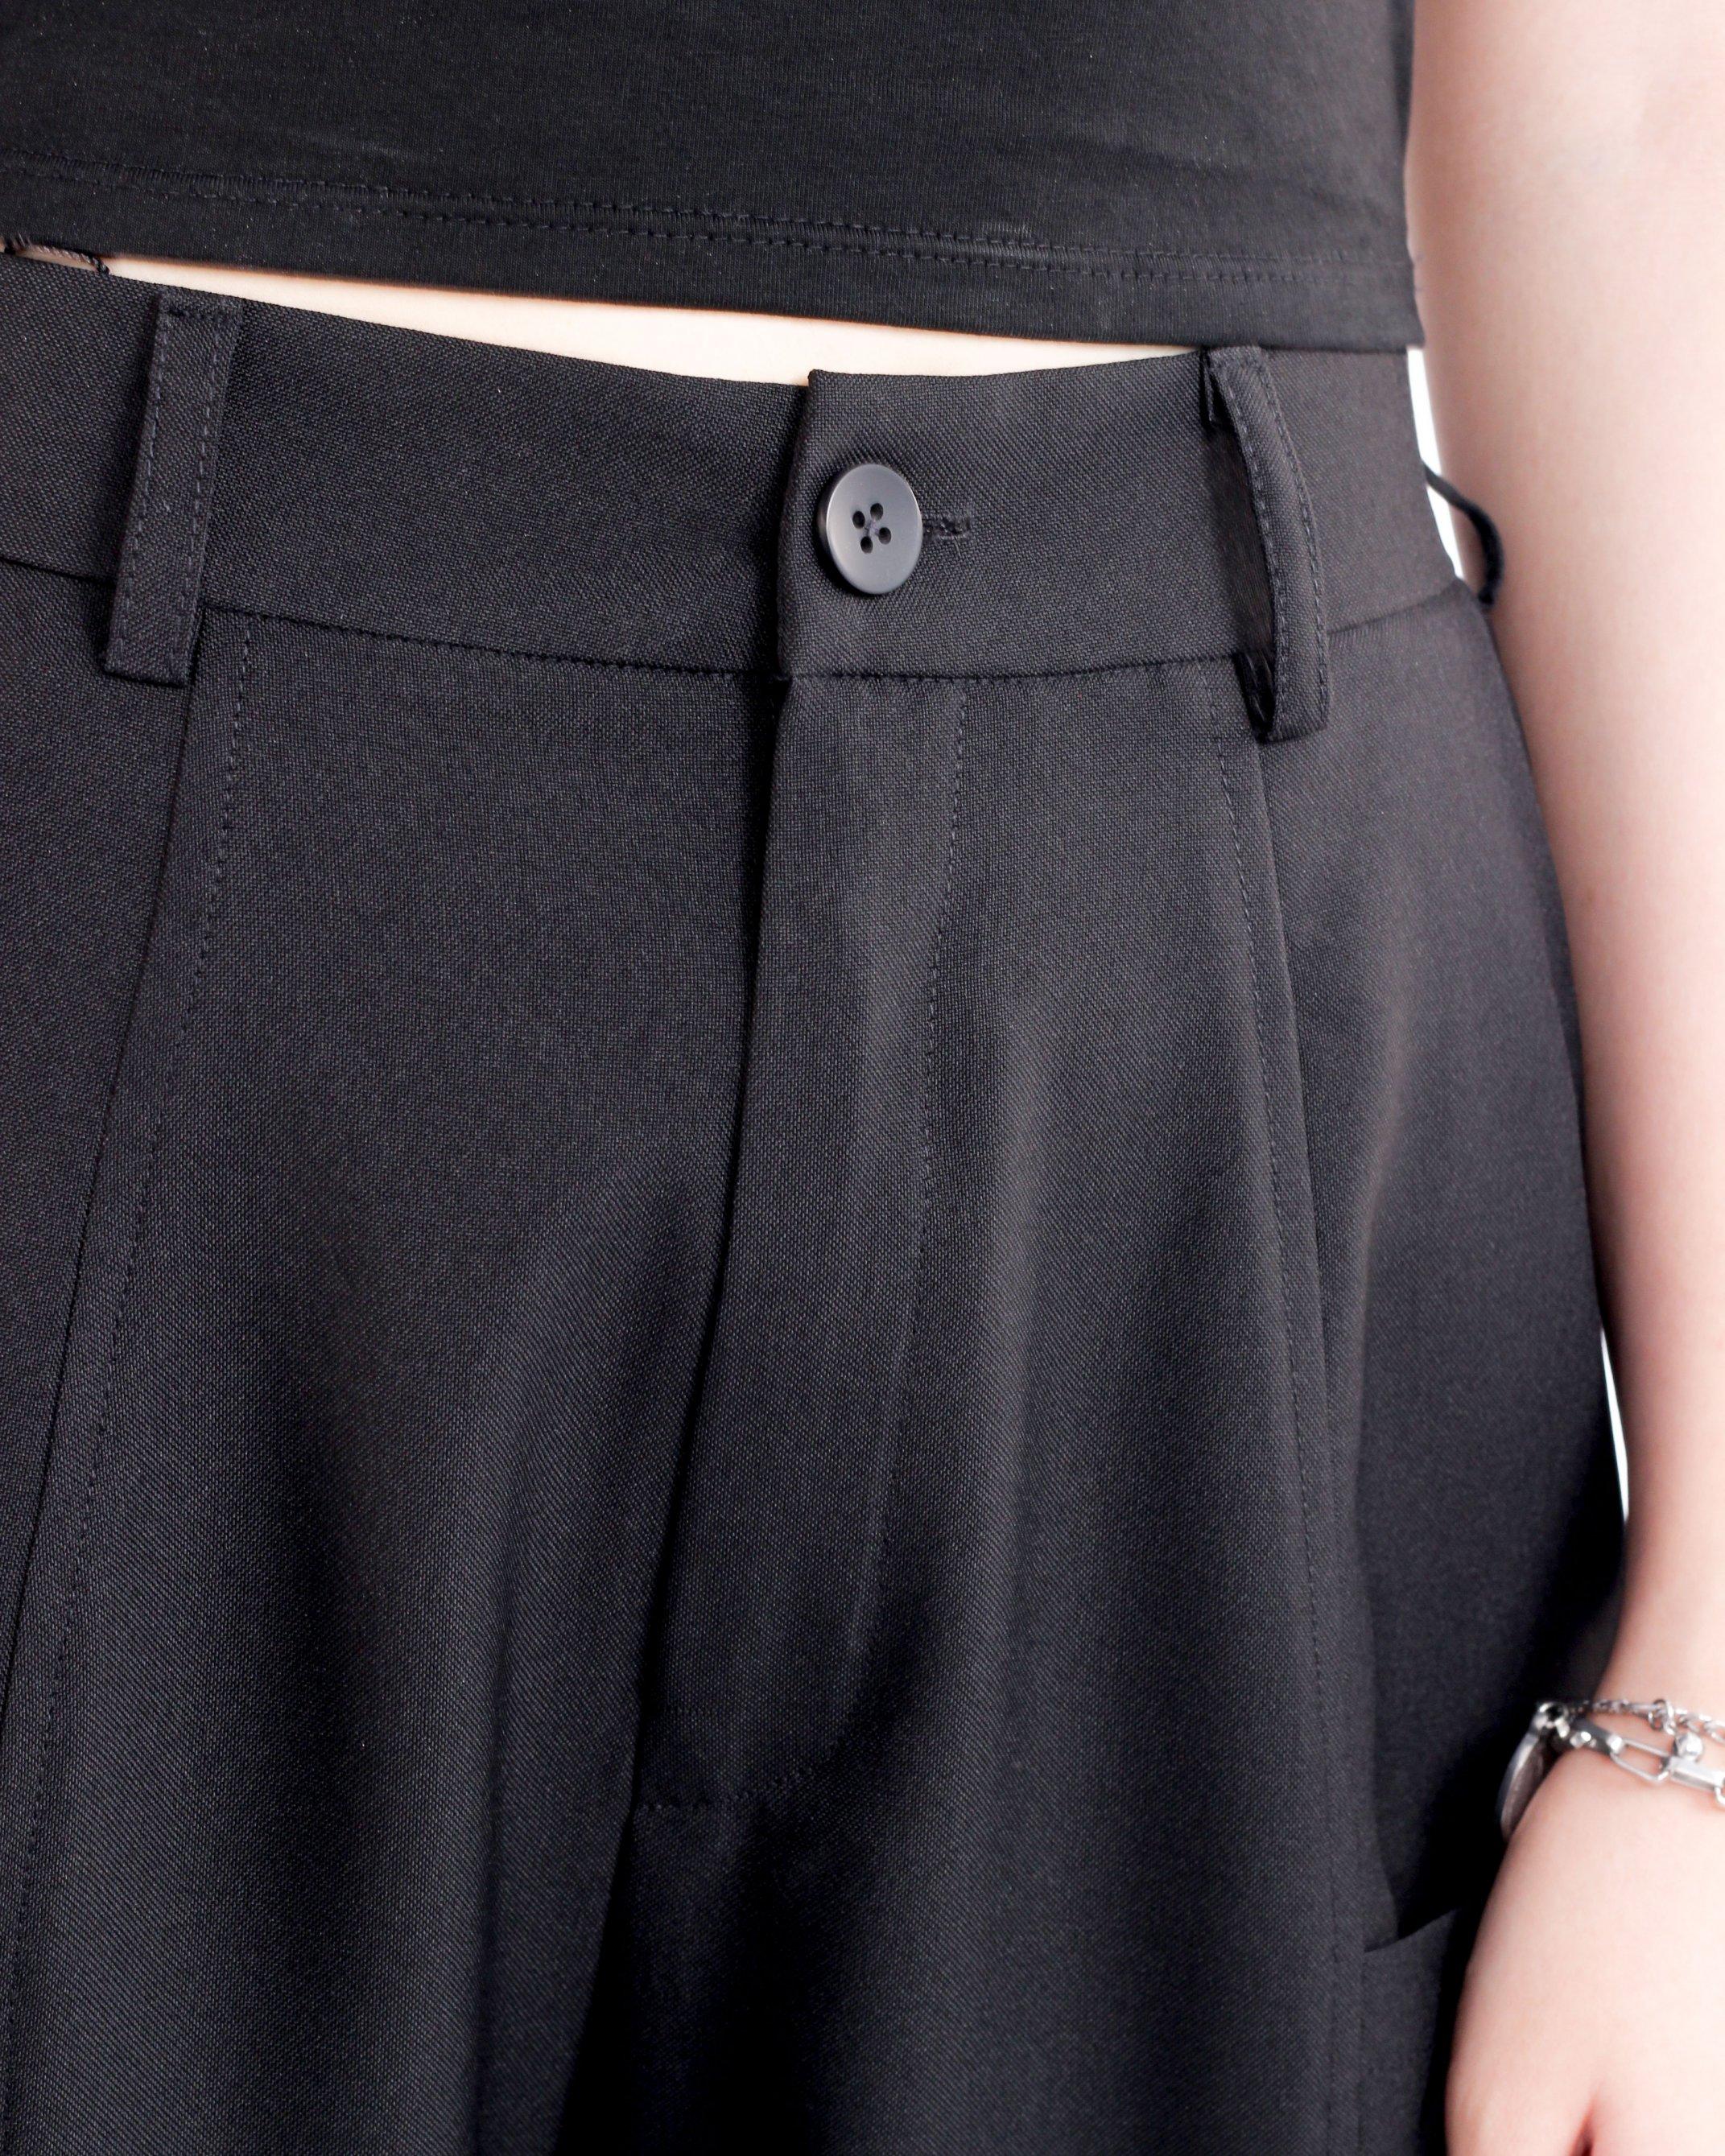 ENVELOPE PANTS BLACK